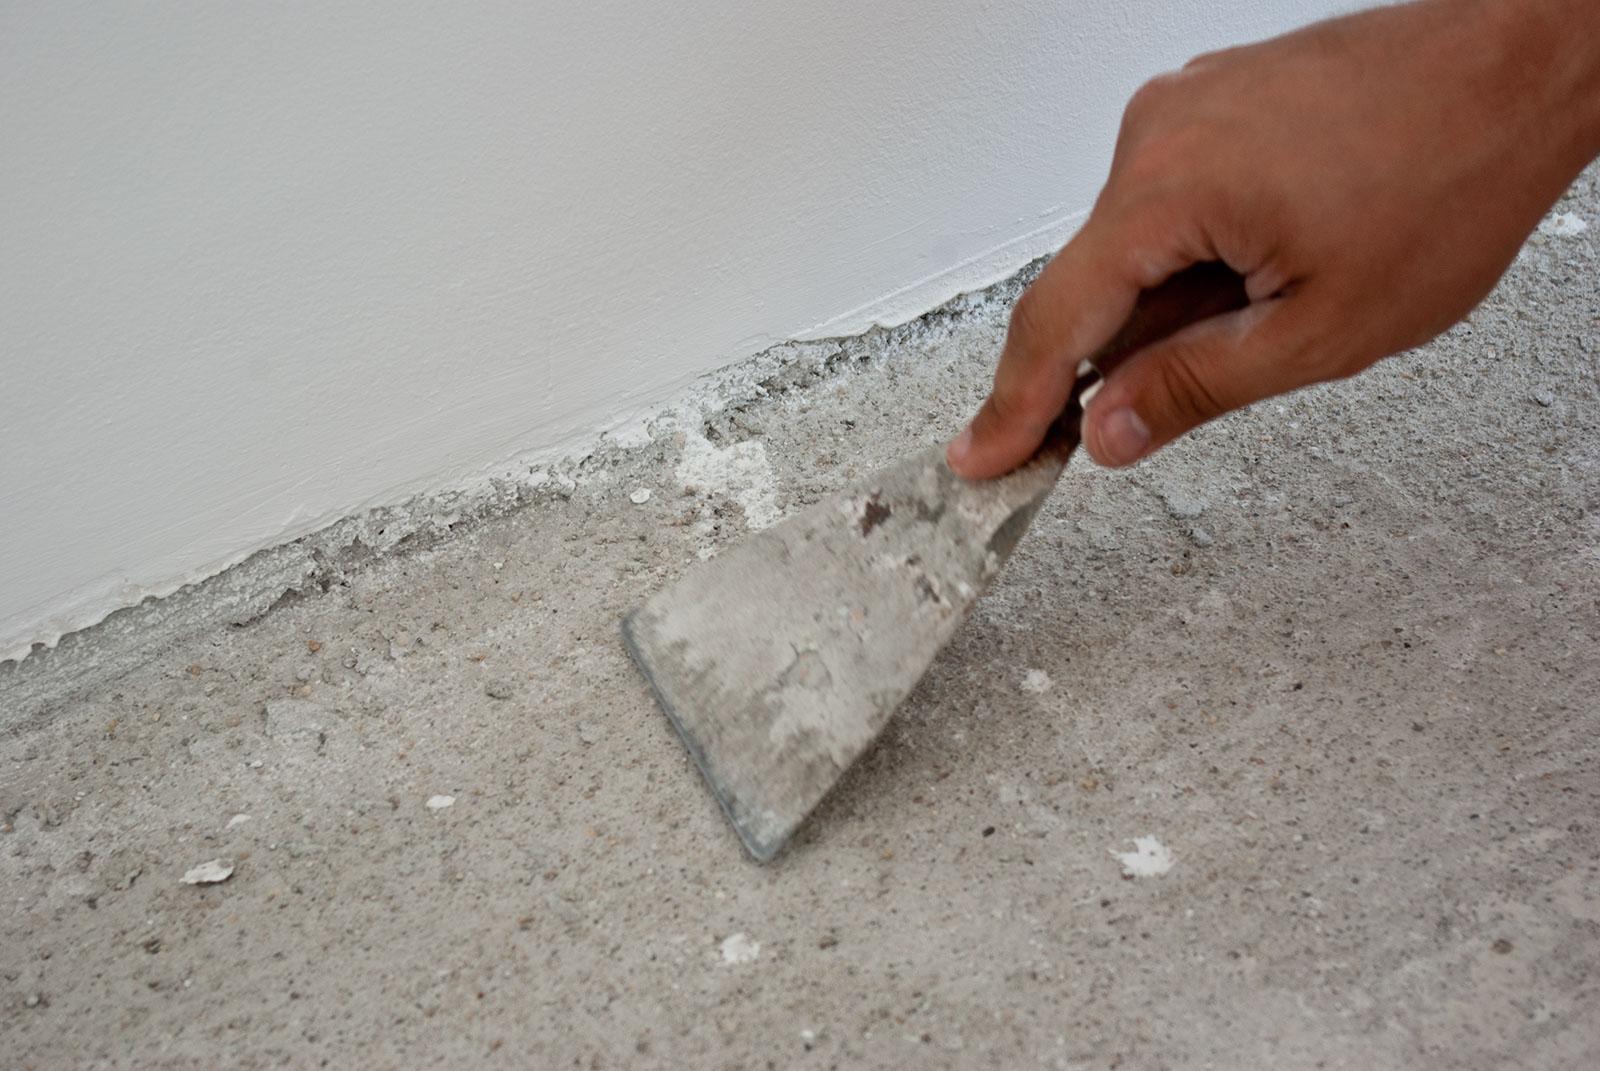 download installing linoleum flooring on concrete free filecloudstage. Black Bedroom Furniture Sets. Home Design Ideas